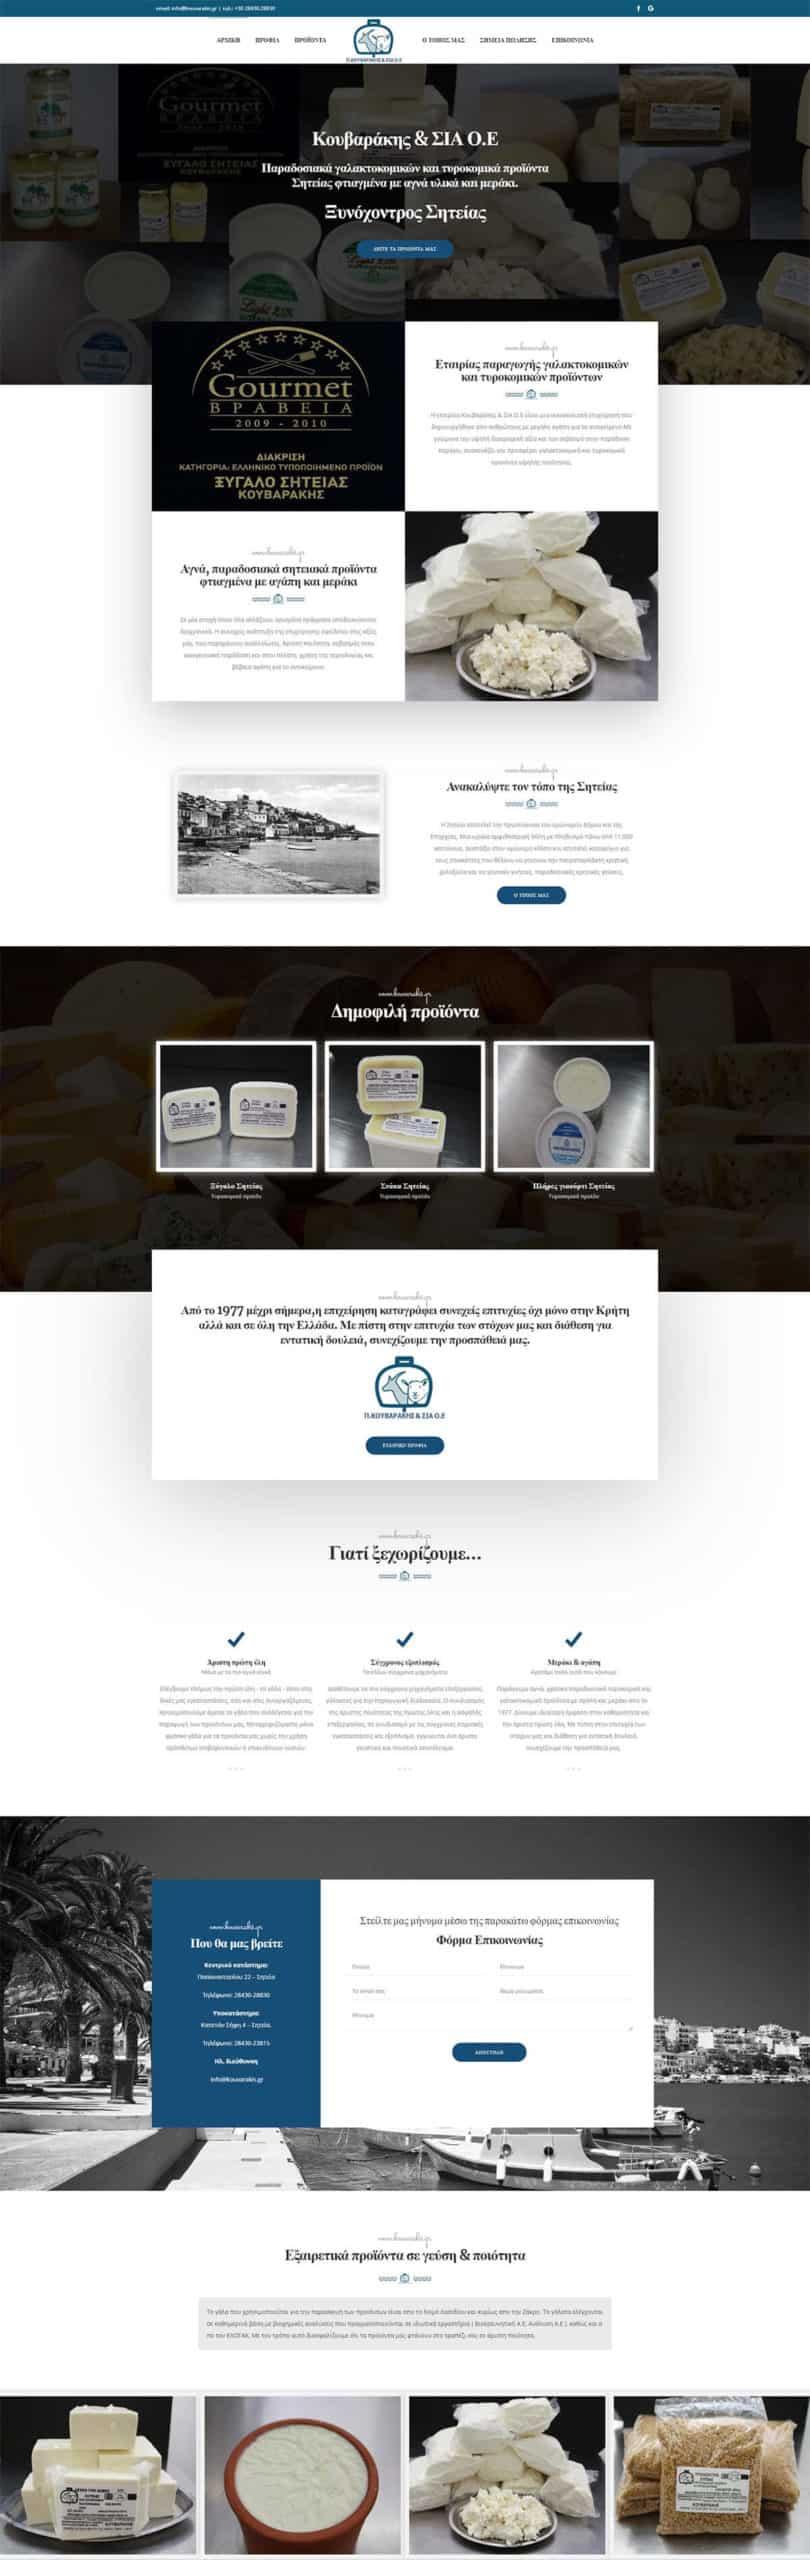 κατασκευή ιστοσελίδας για παραδοσιακό τυροκομείο στη Κρήτη